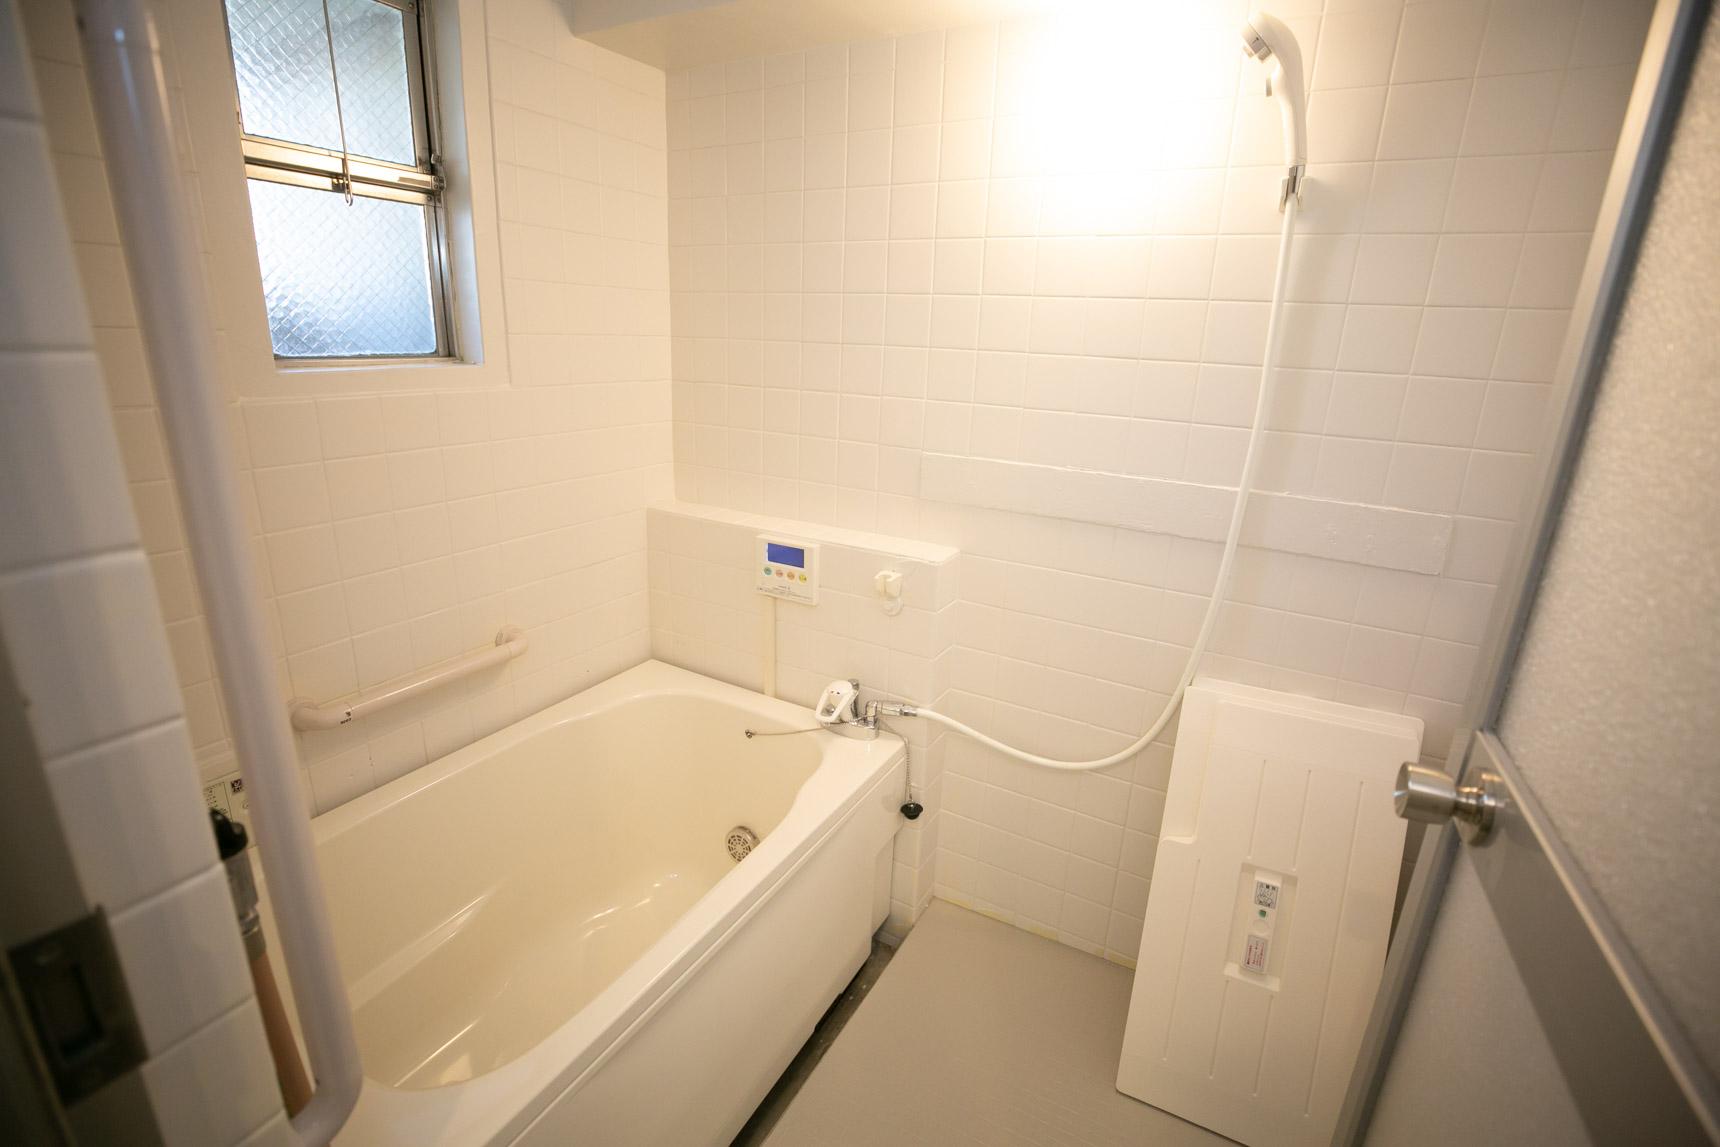 お風呂は浴槽を新しく、壁には塗装、床にはシート貼りを施してリニューアル。かなり明るい雰囲気になりました。